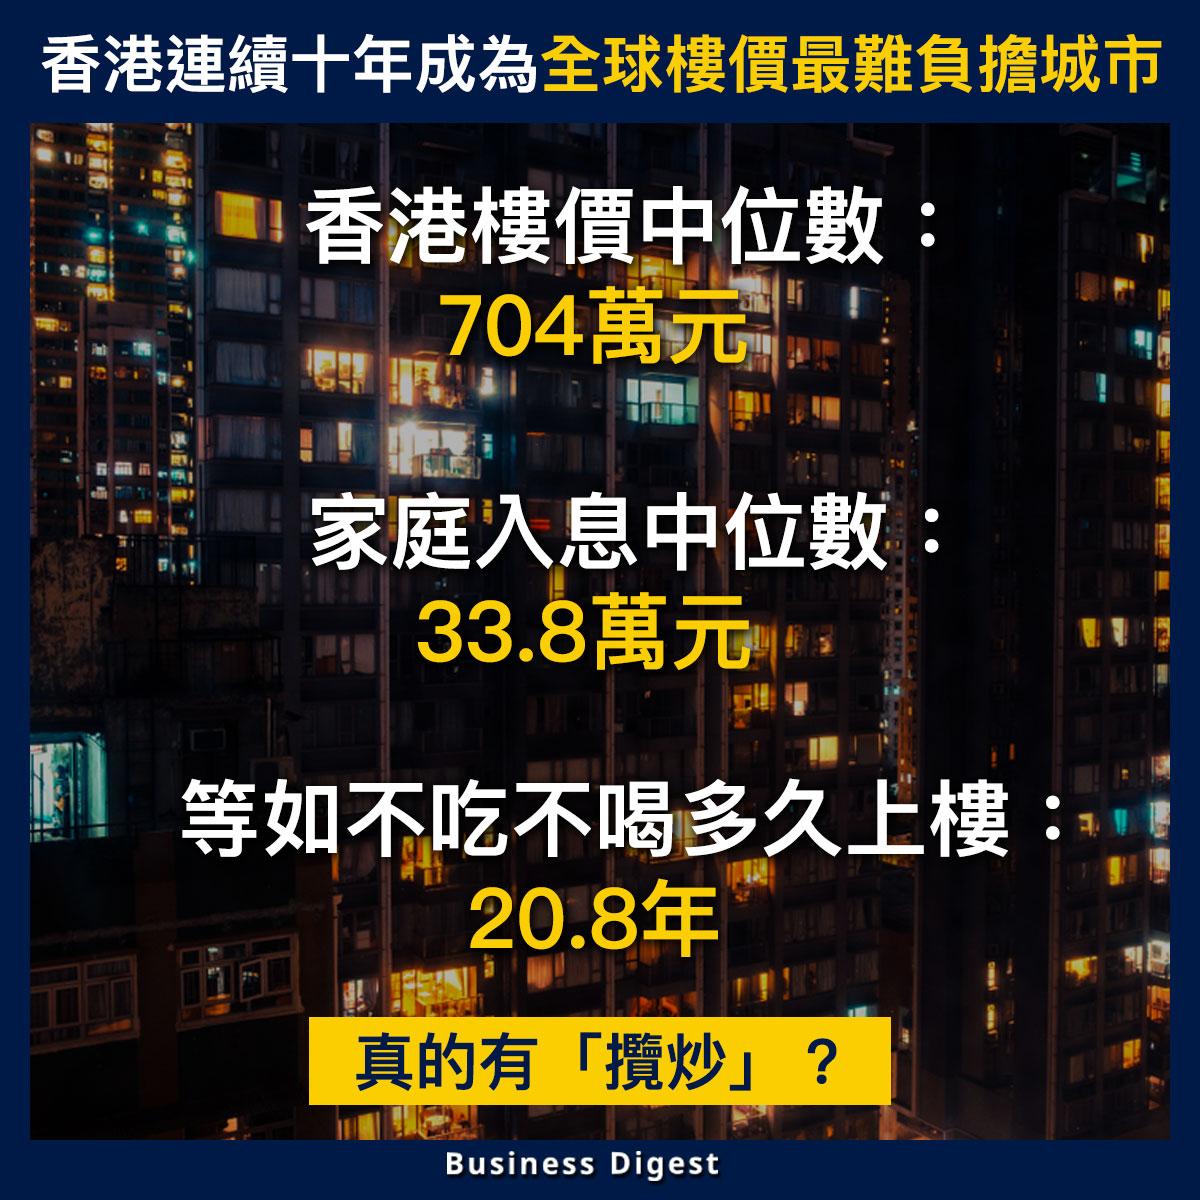 【從數據認識經濟】香港連續十年成為全球樓價最難負擔城市